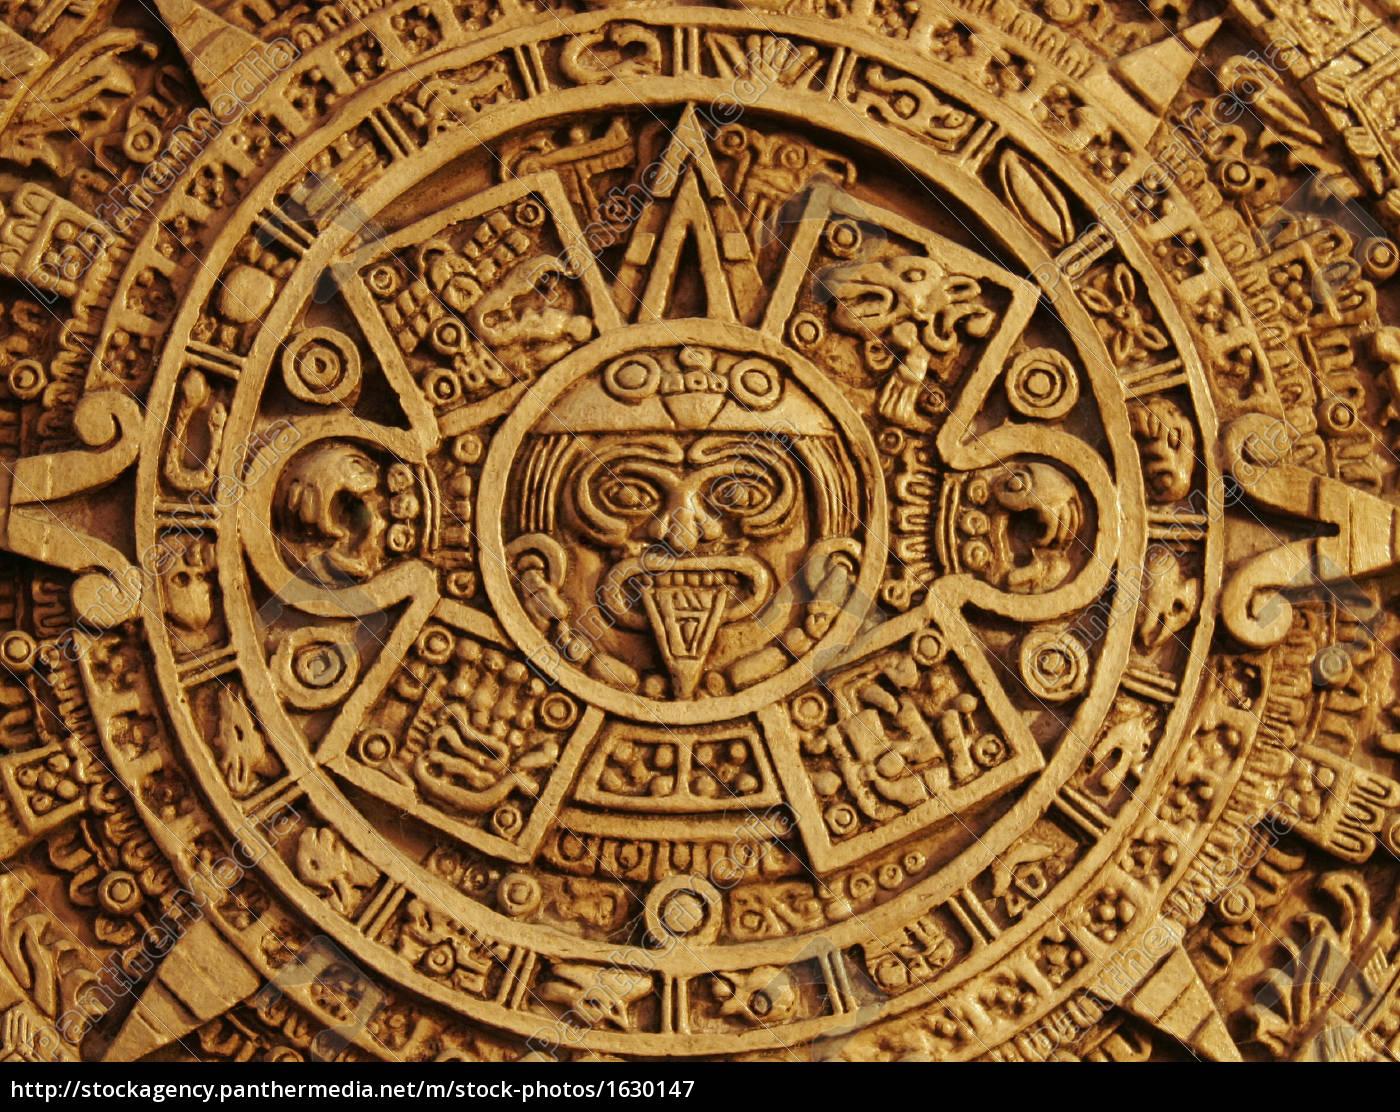 aztekenkalender lizenzfreies bild 1630147